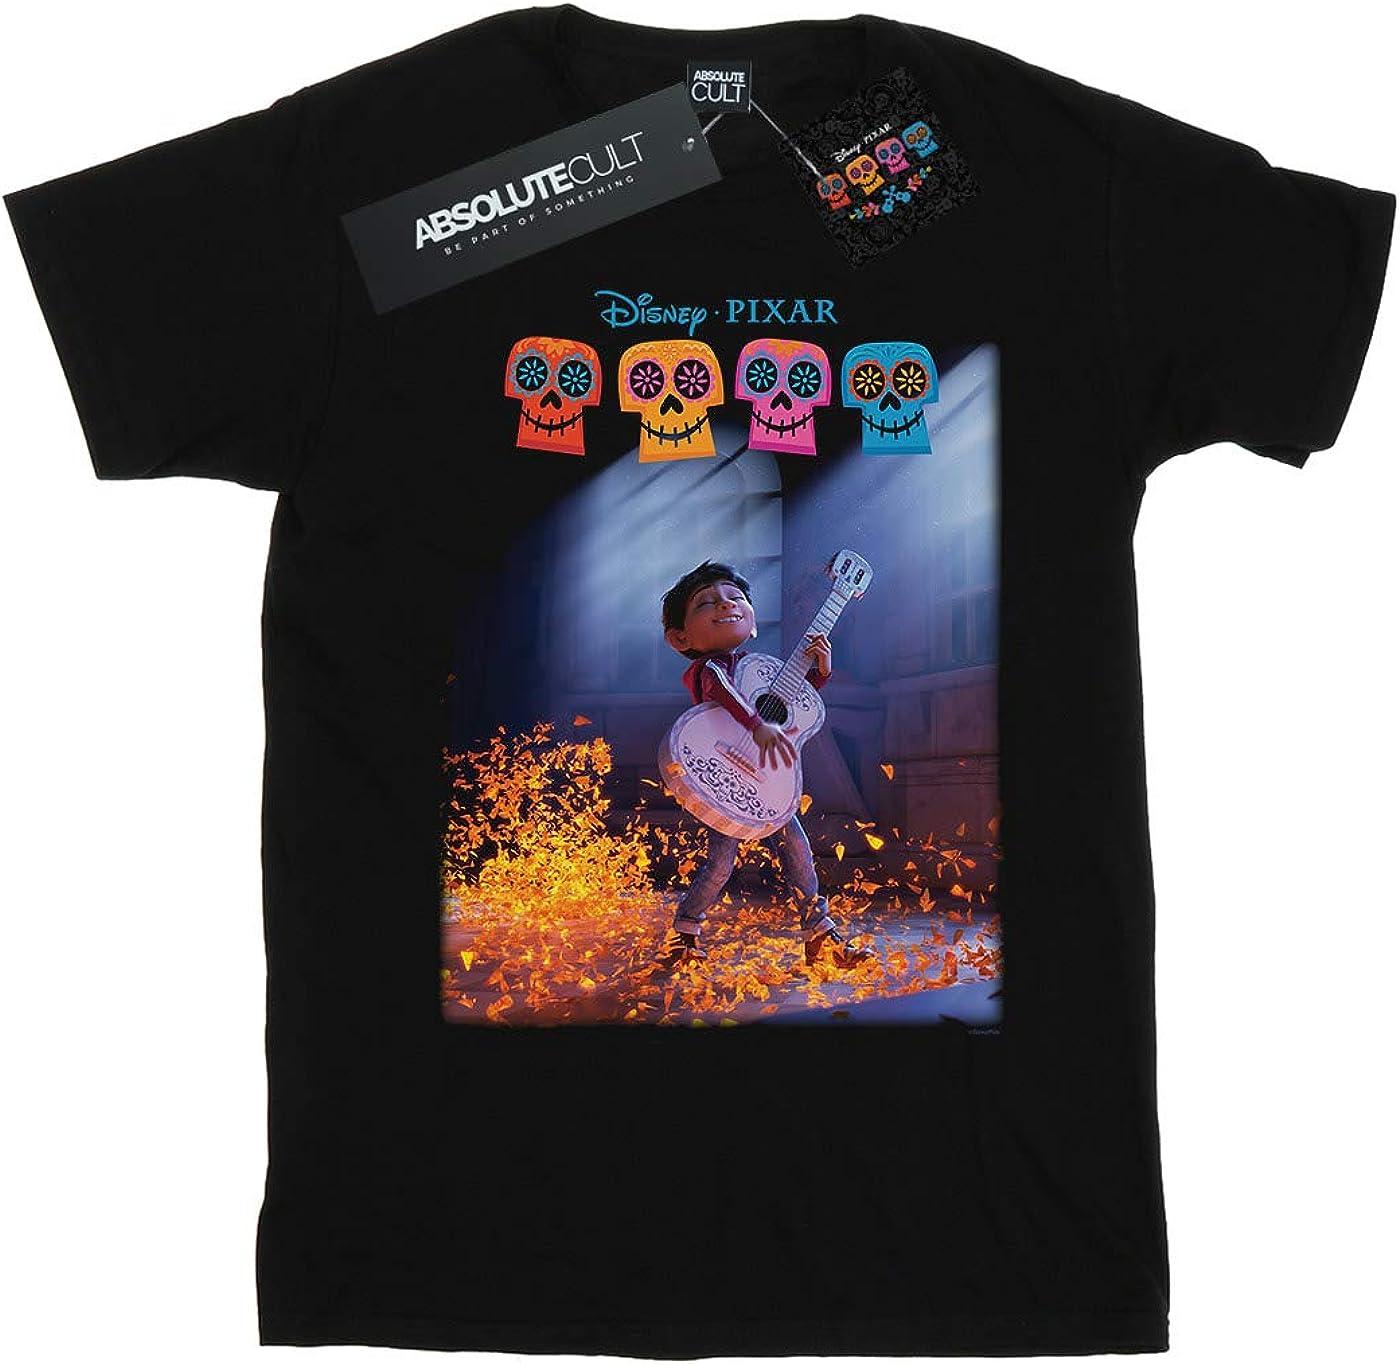 Disney Ni/ñas Coco Miguel Playing Hectors Guitar Camiseta Negro 3-4 Years